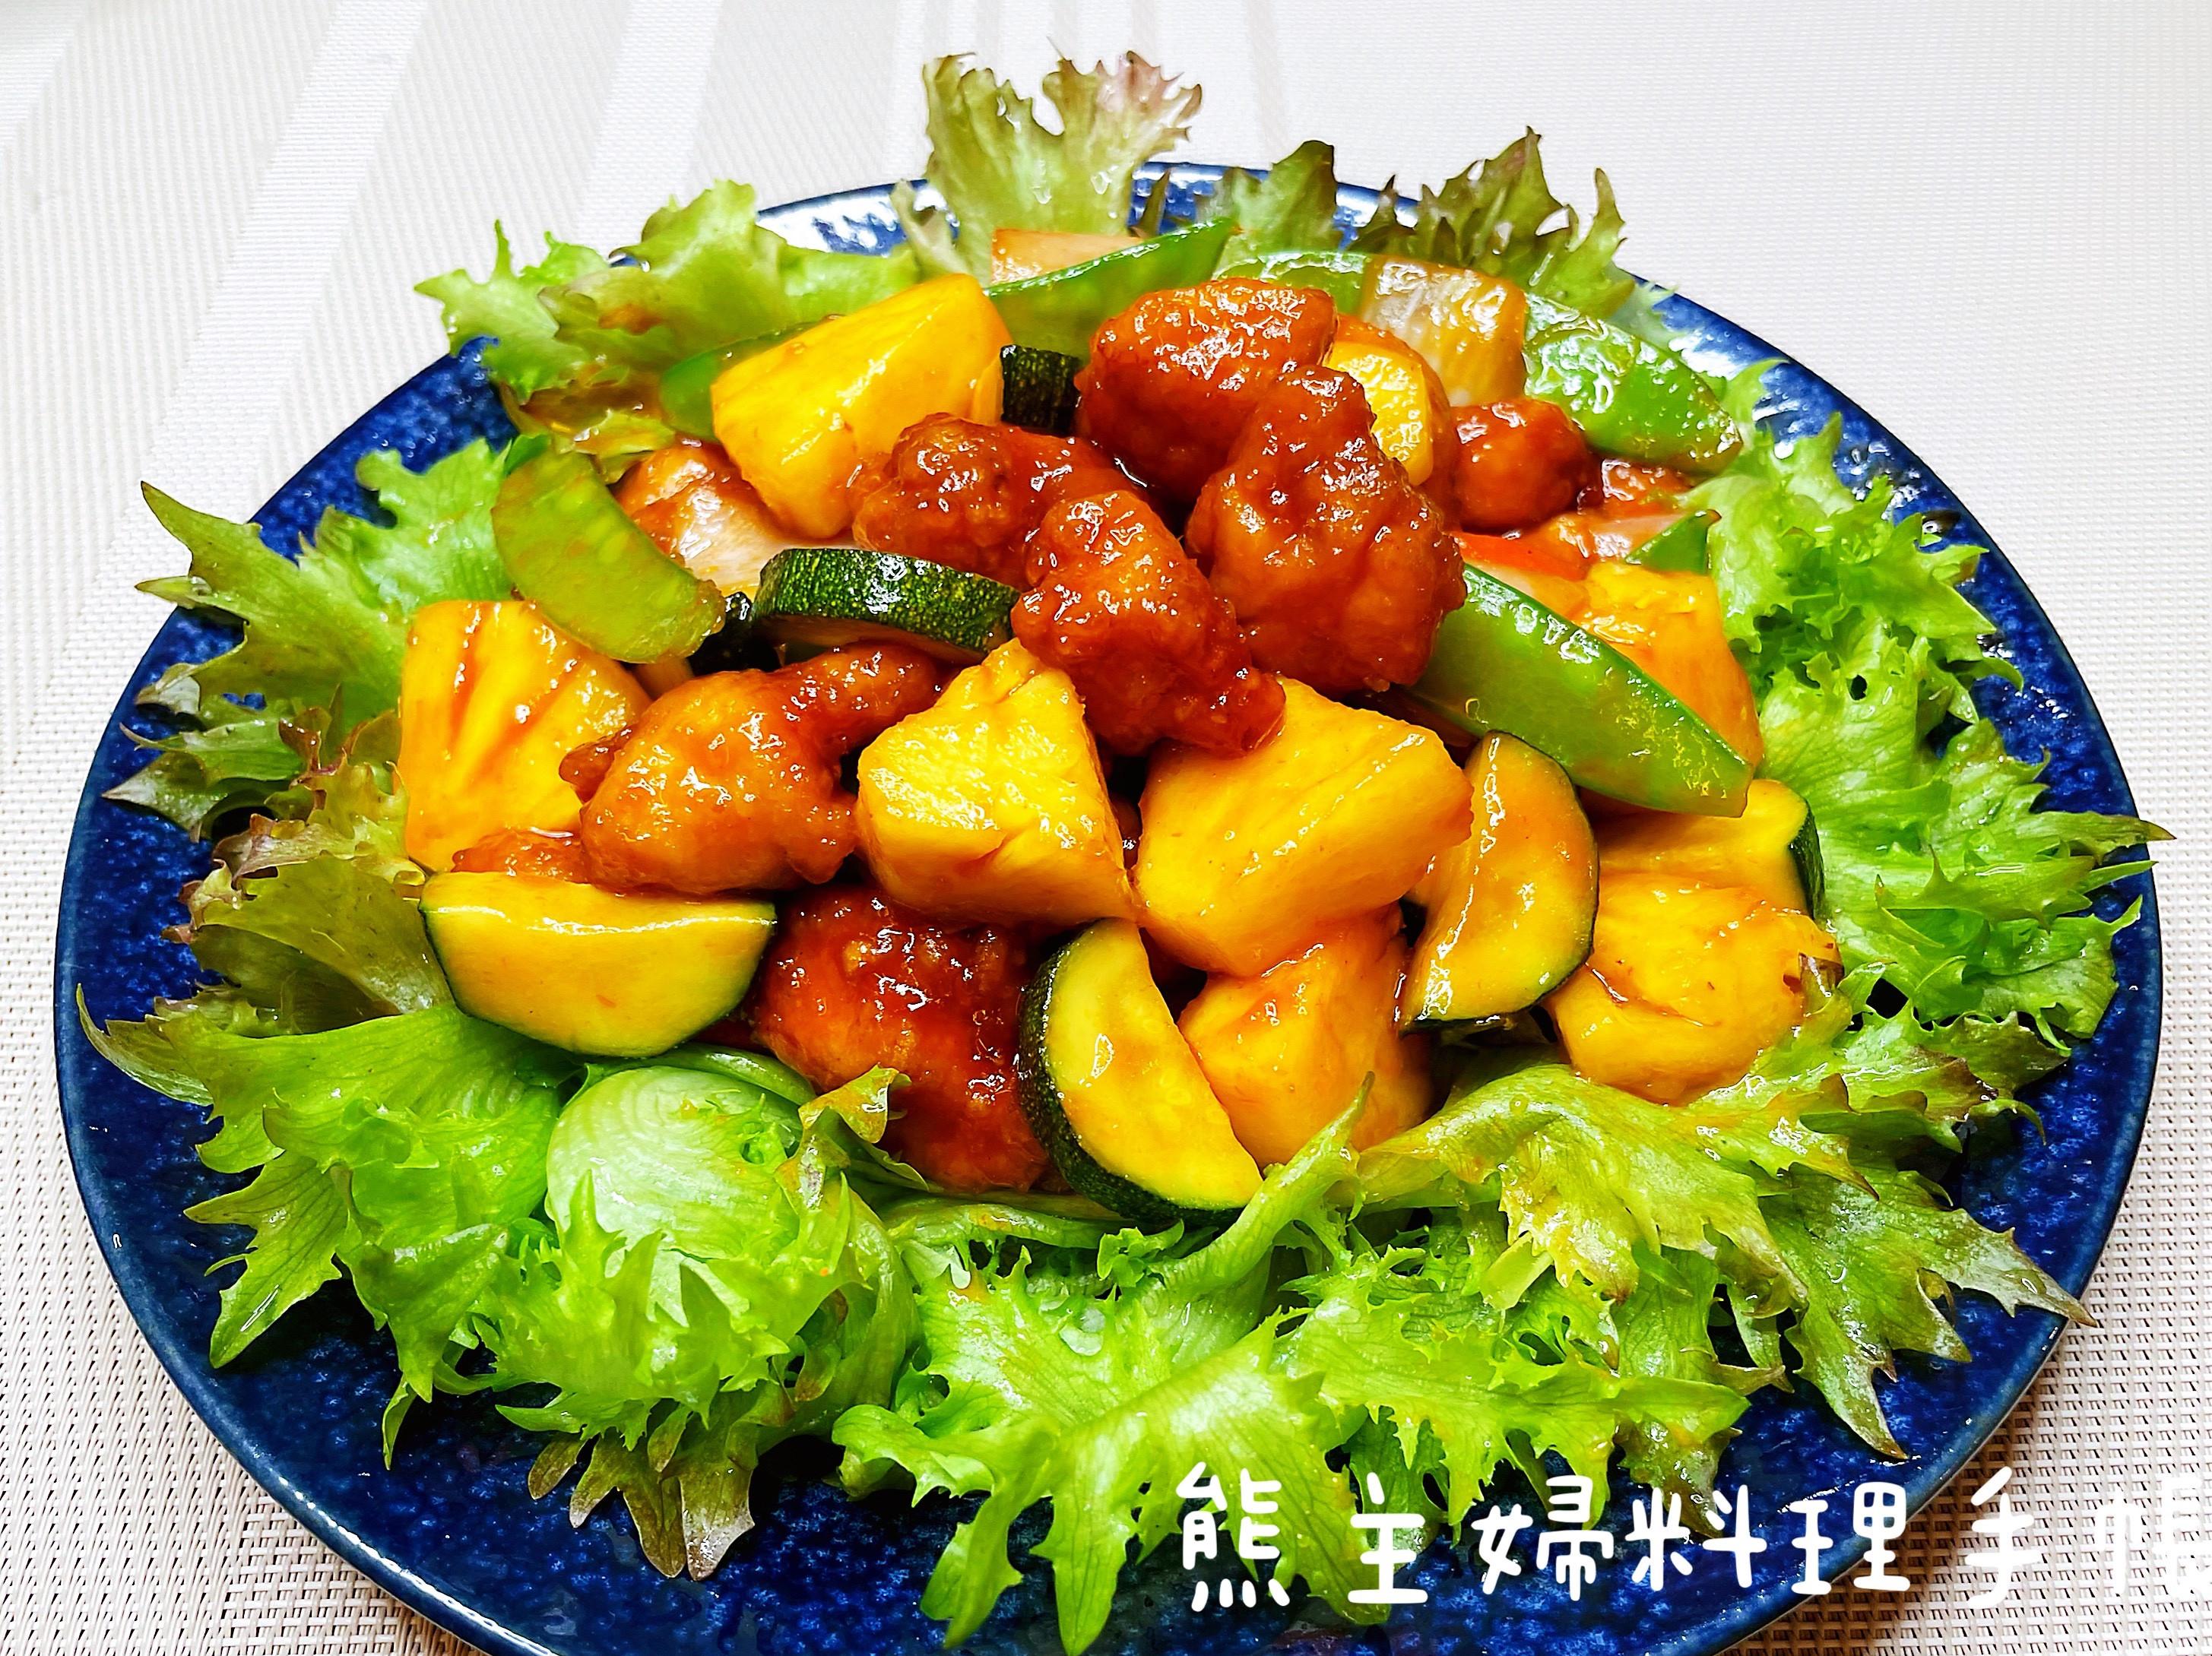 鳳梨糖醋雞丁(簡易/便當菜)